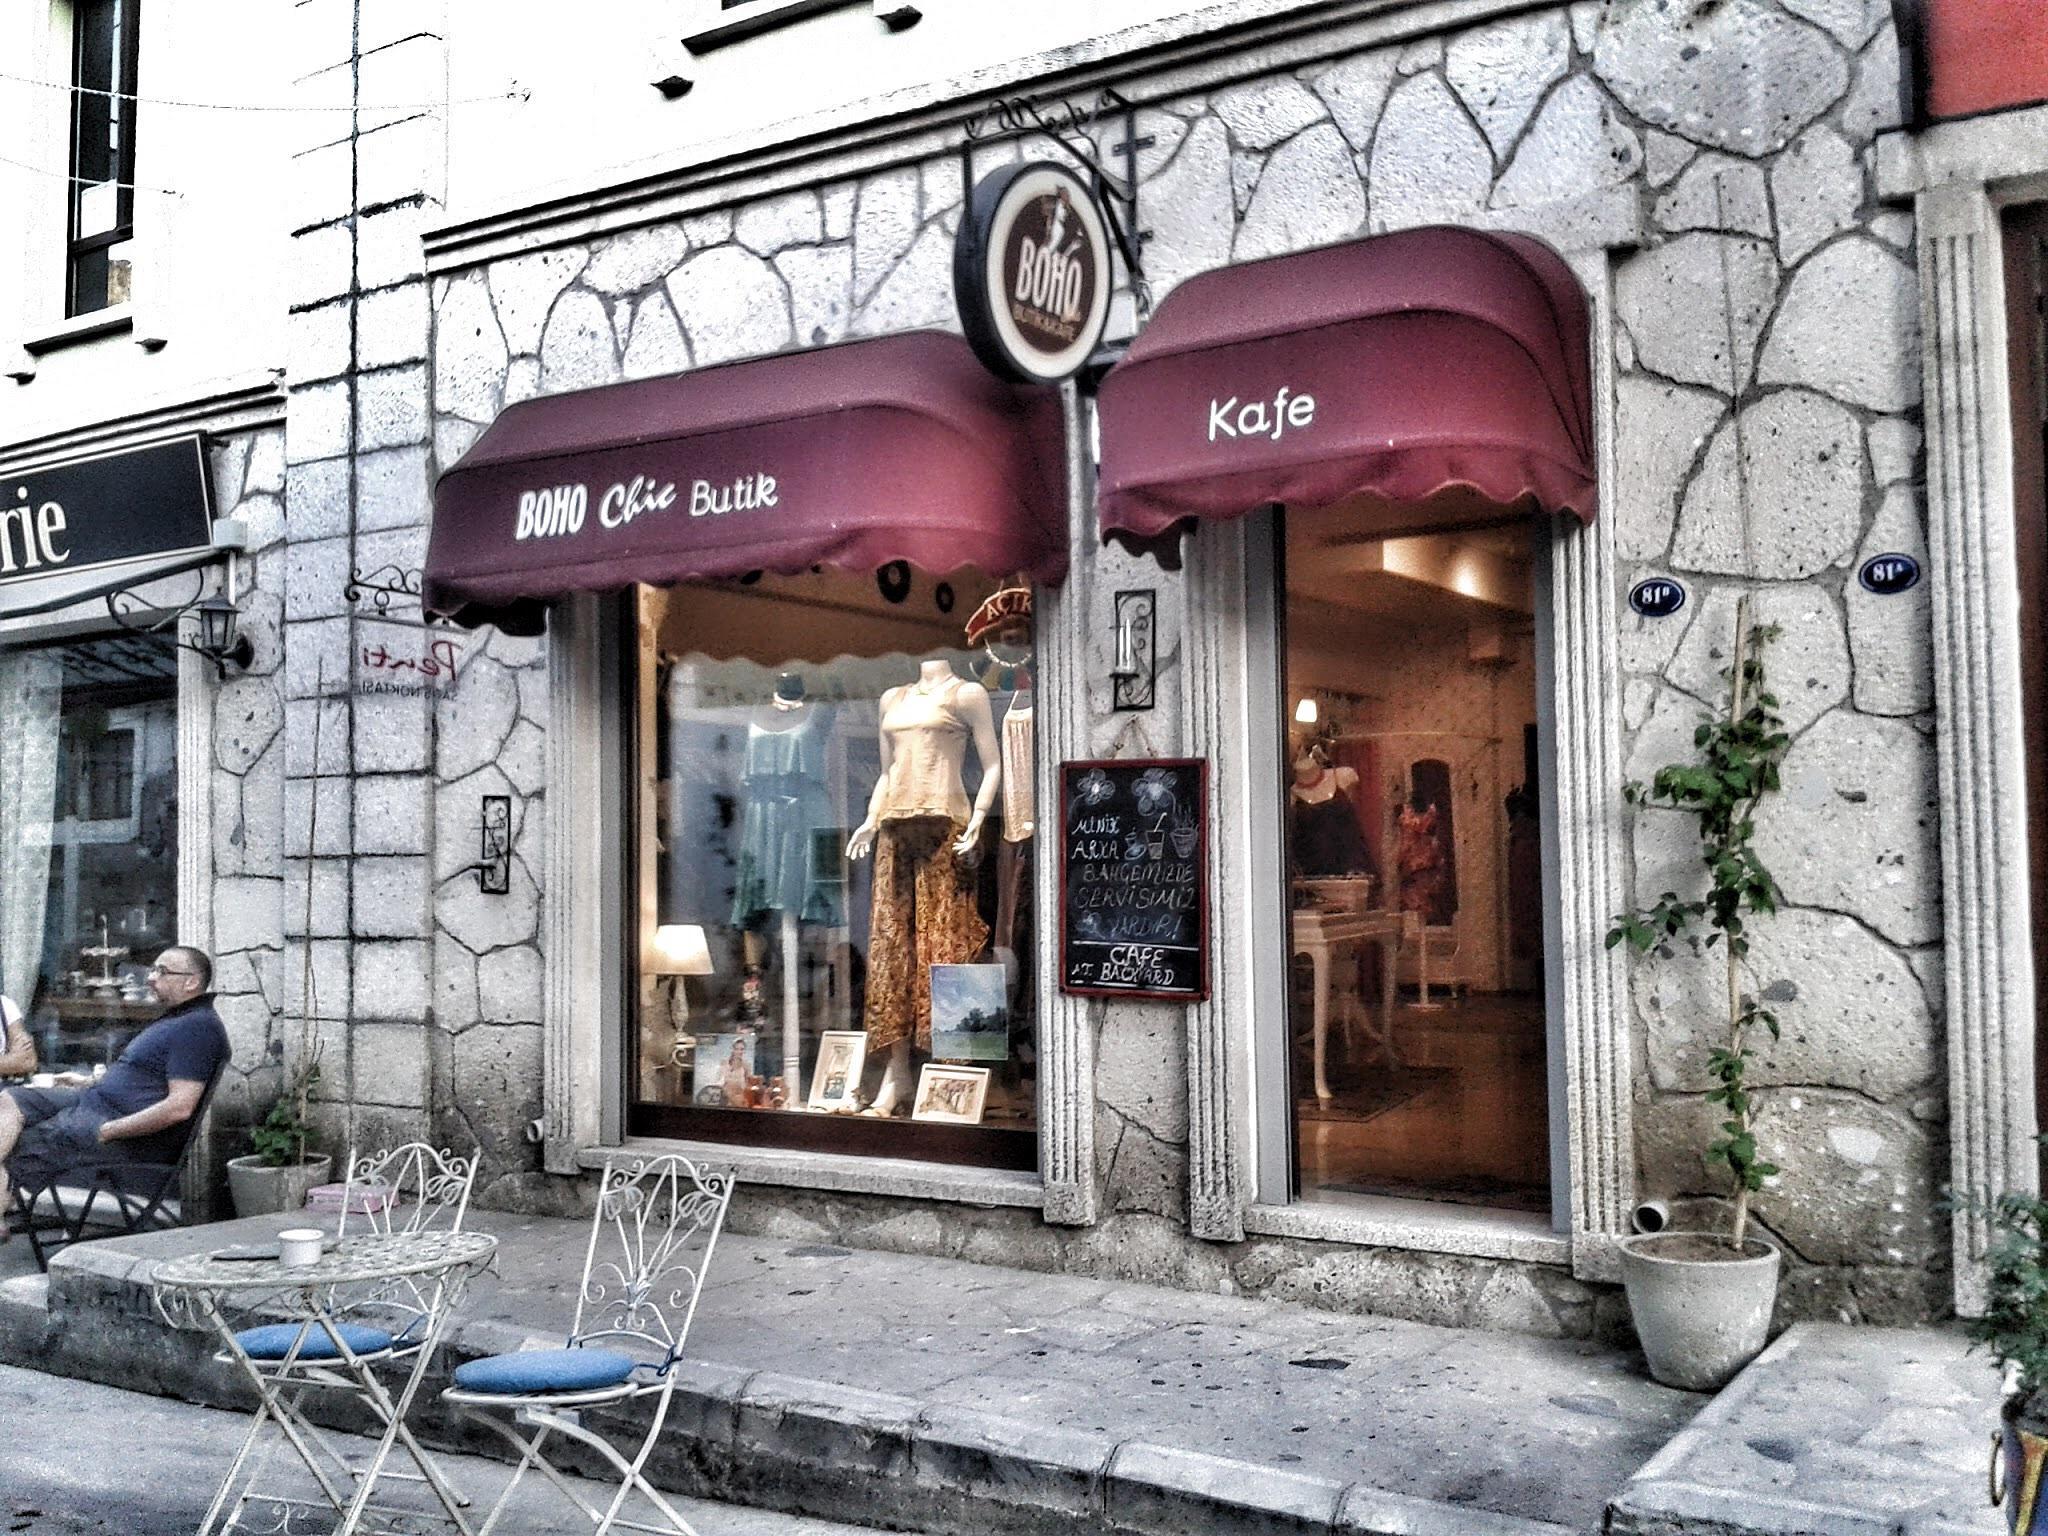 Art street in Urla by Meriç Aksu